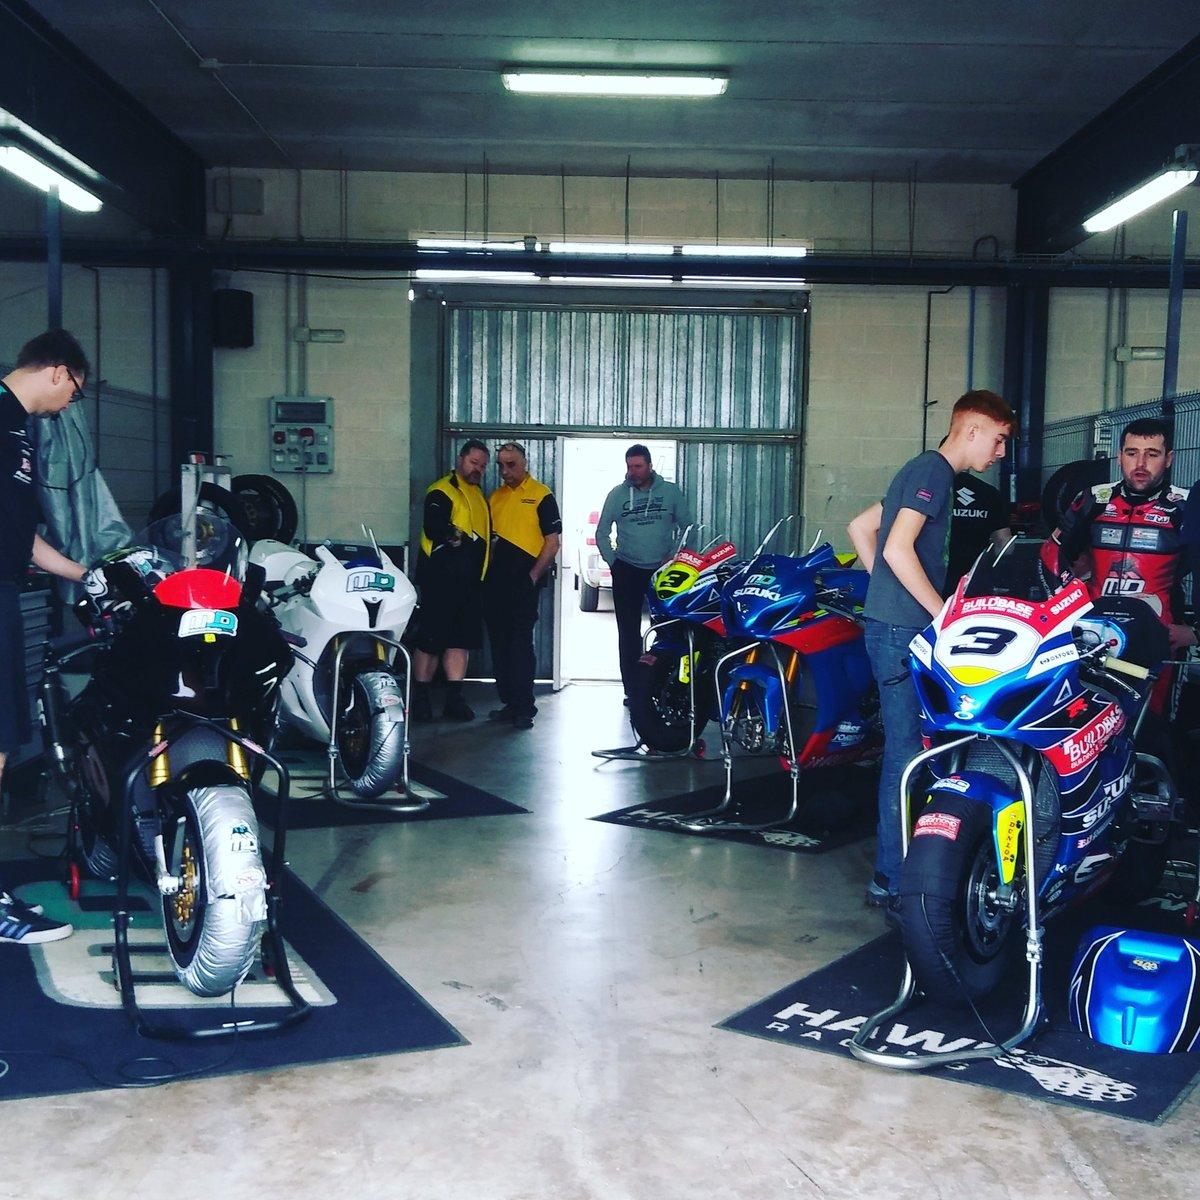 [Road racing] Saison 2018 - Page 3 DXM0l-dX4AAM3rX